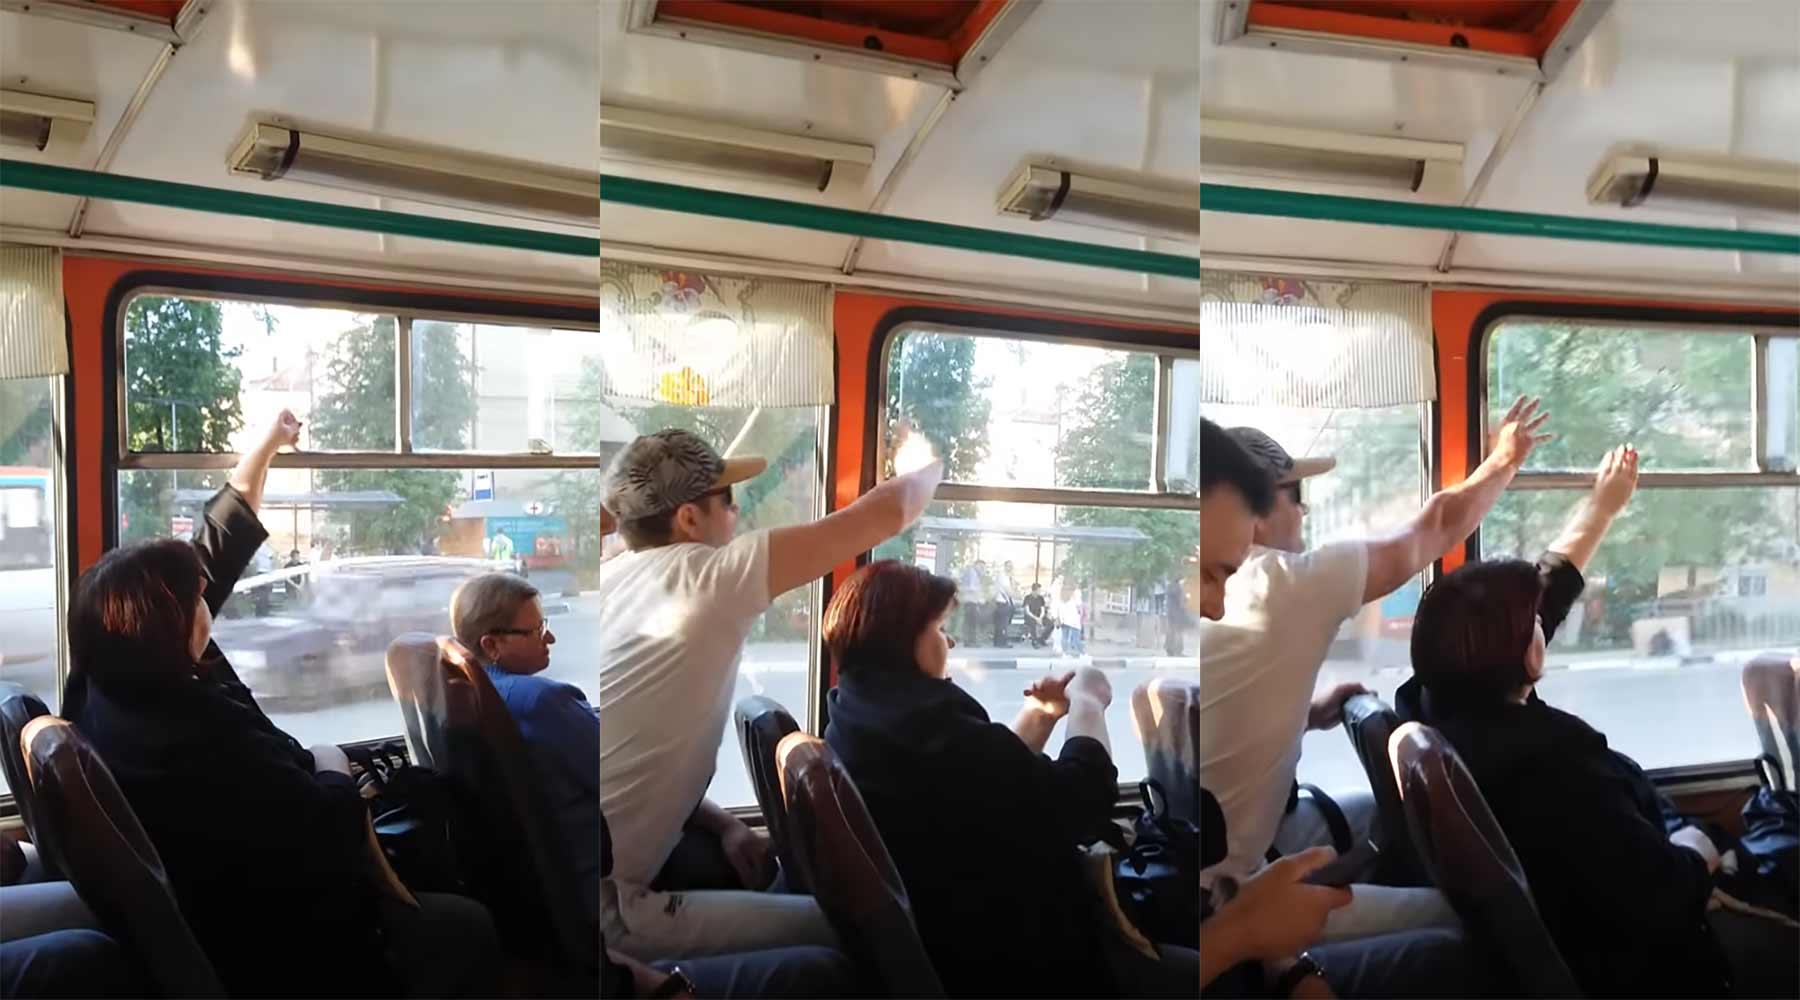 Stummer Streit ums Busfenster: Offen oder zu?!